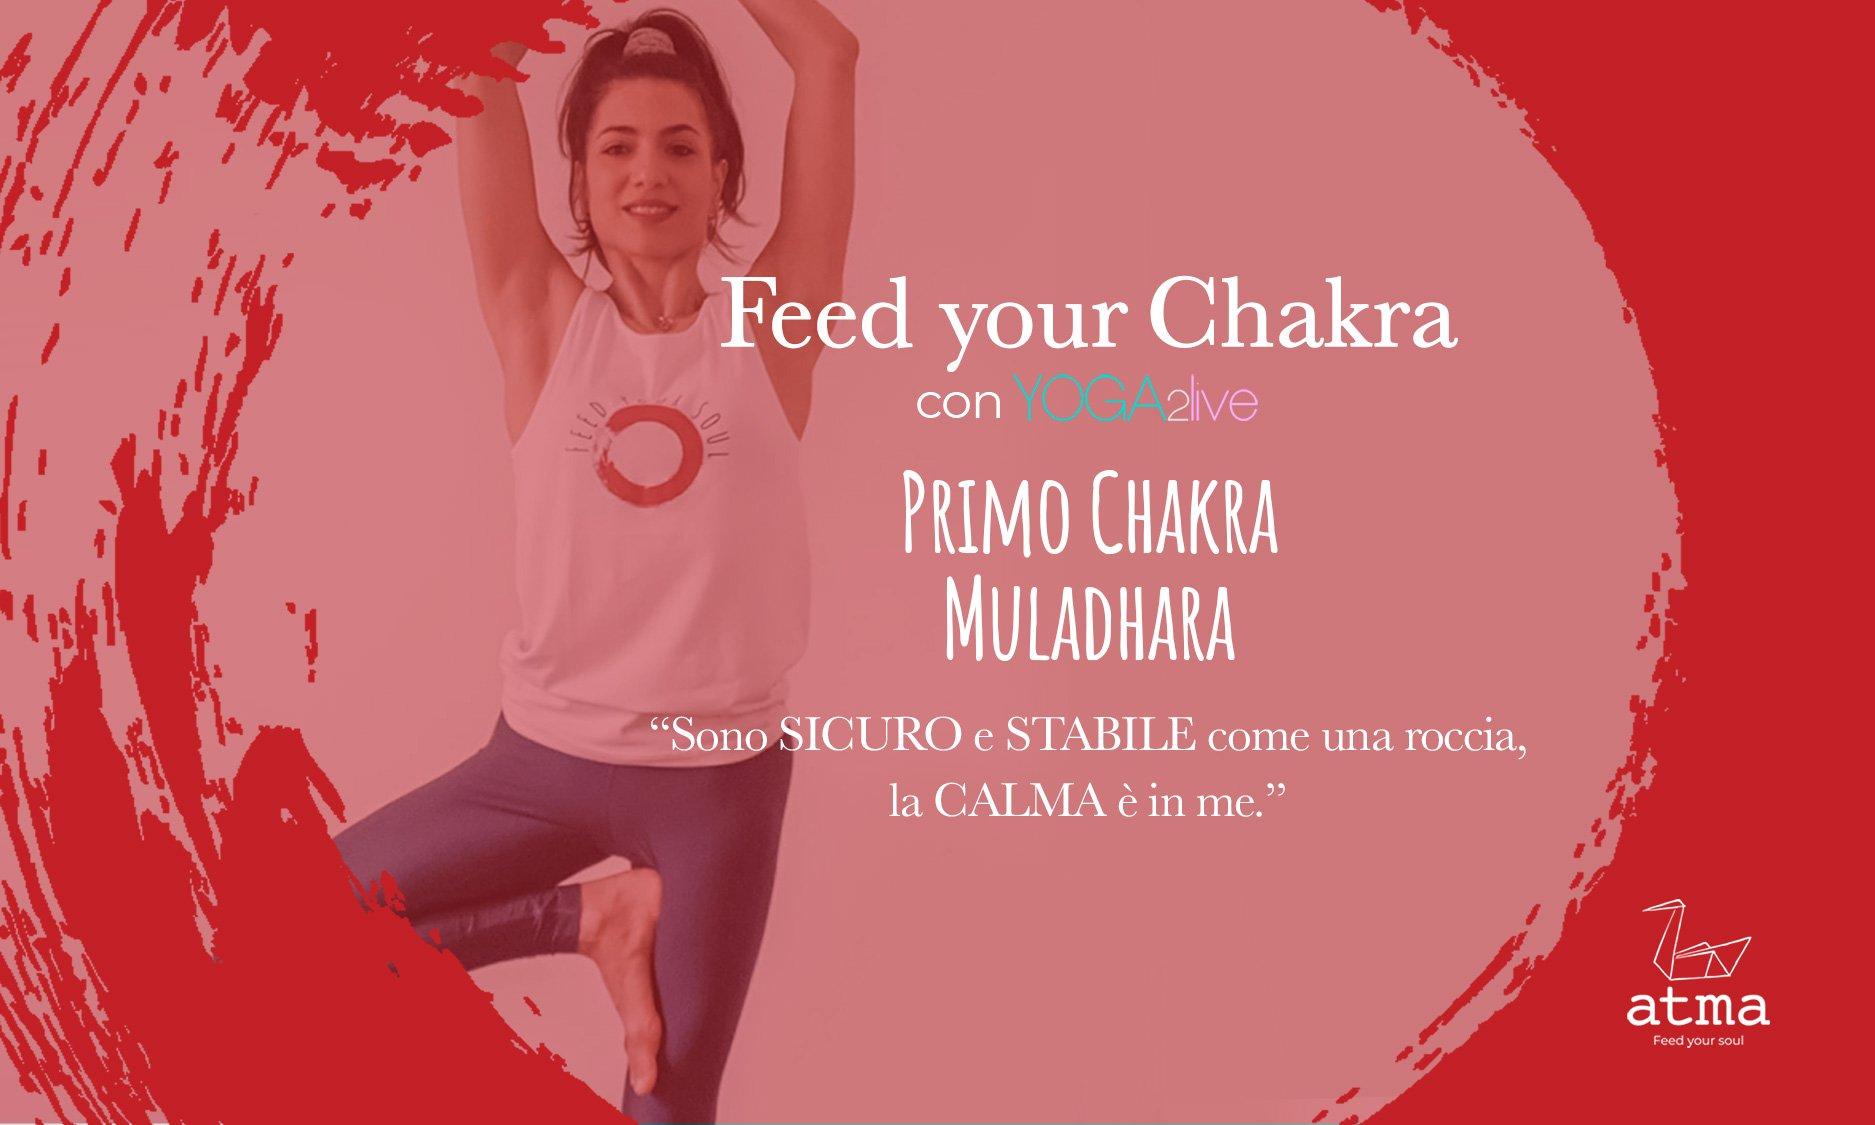 pratica yoga per il primo chakra